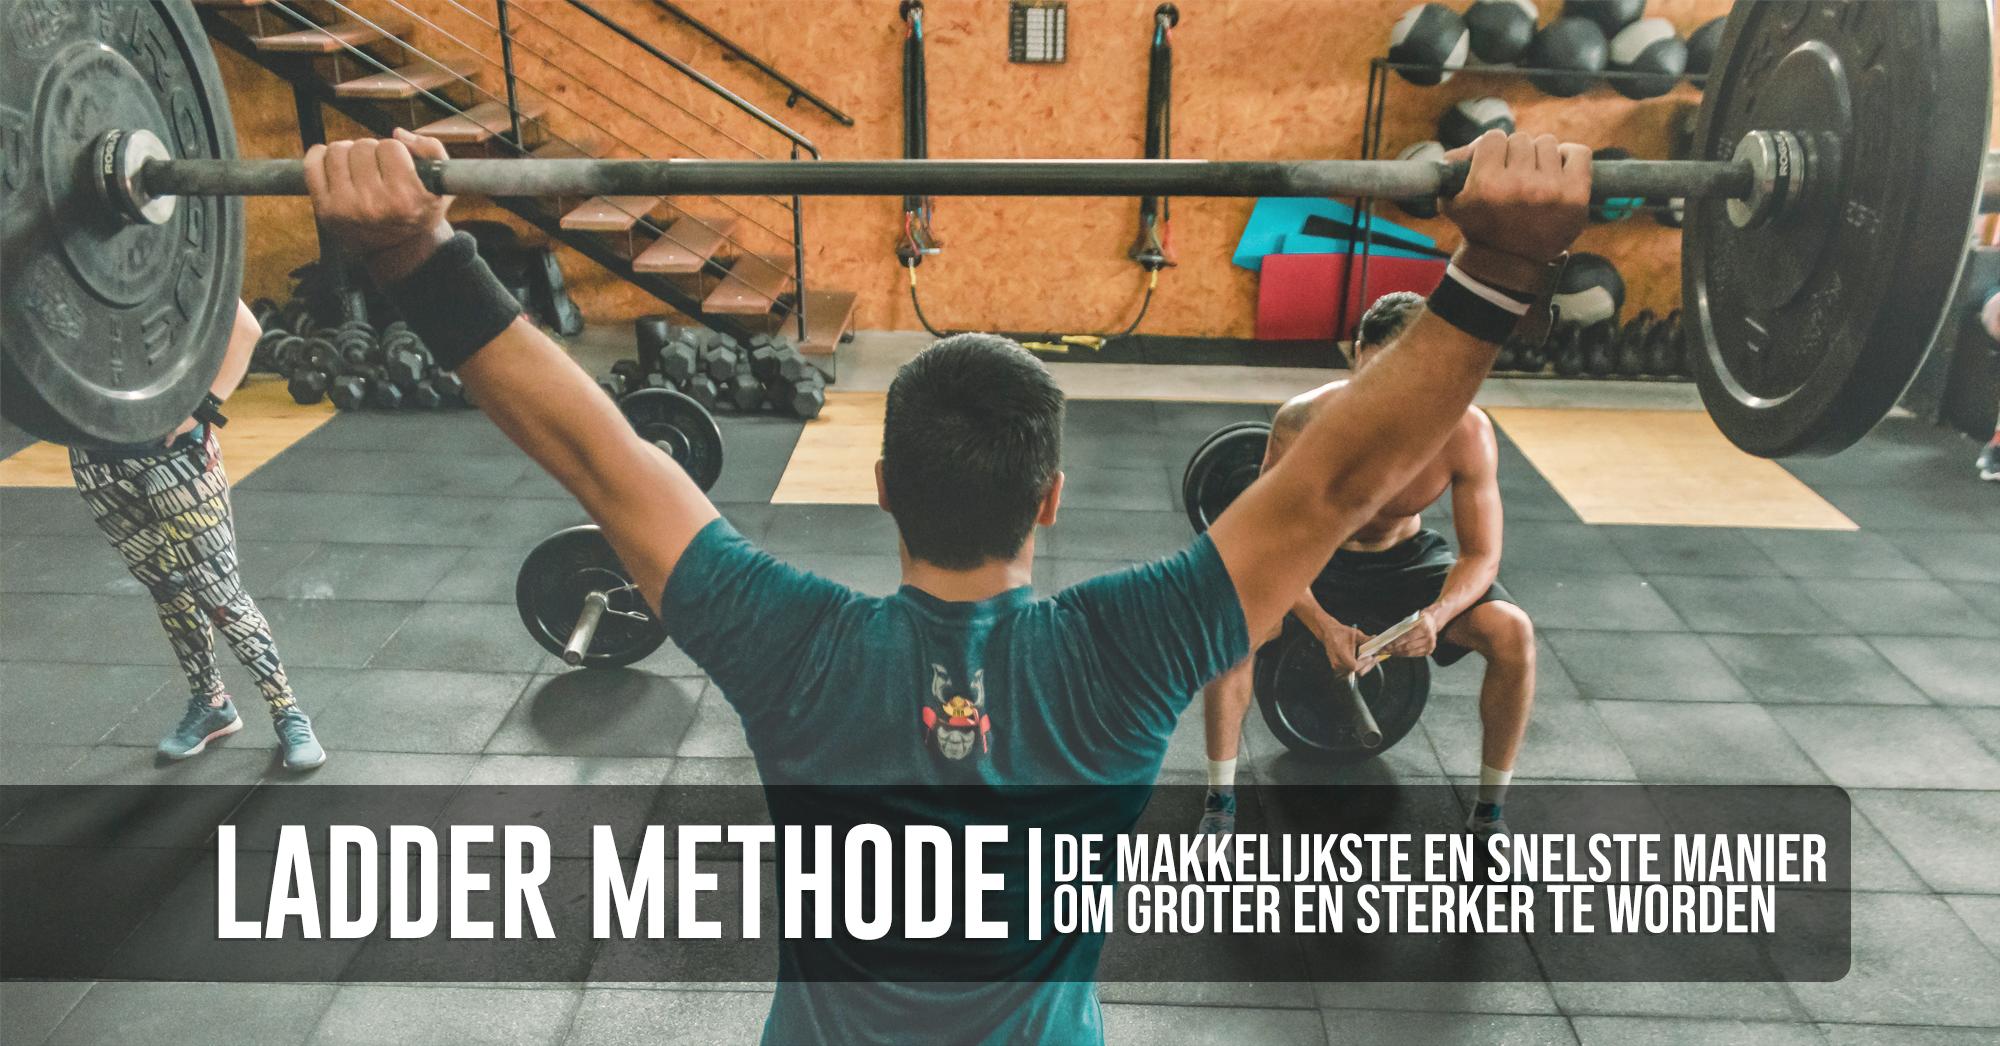 Met deze workout wordt je direct groter en sterker